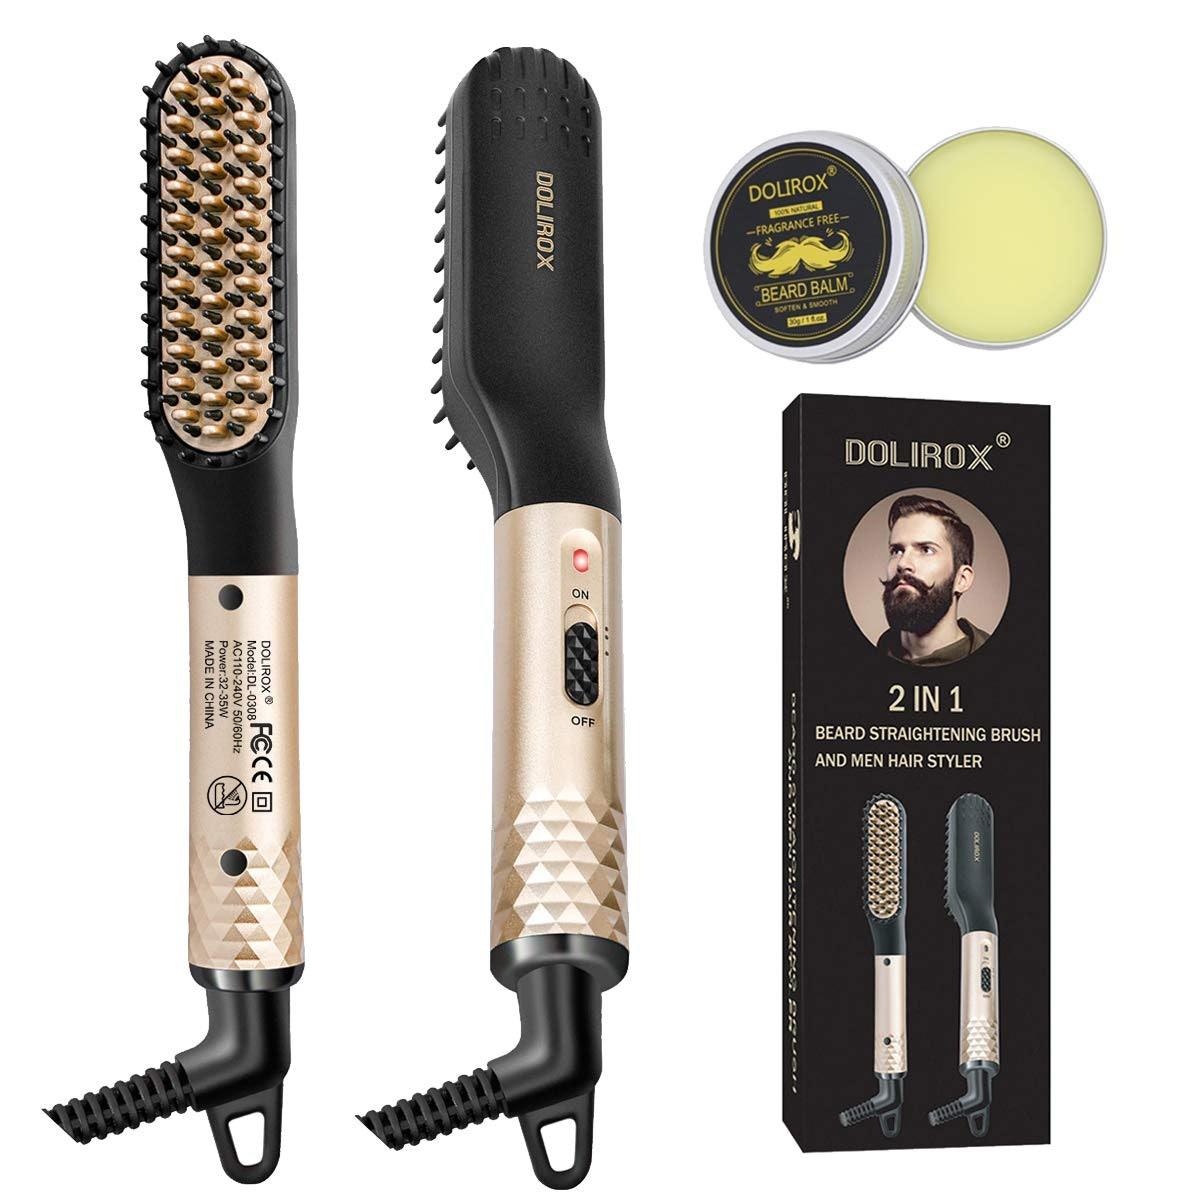 DOLIROX Beard Straightener